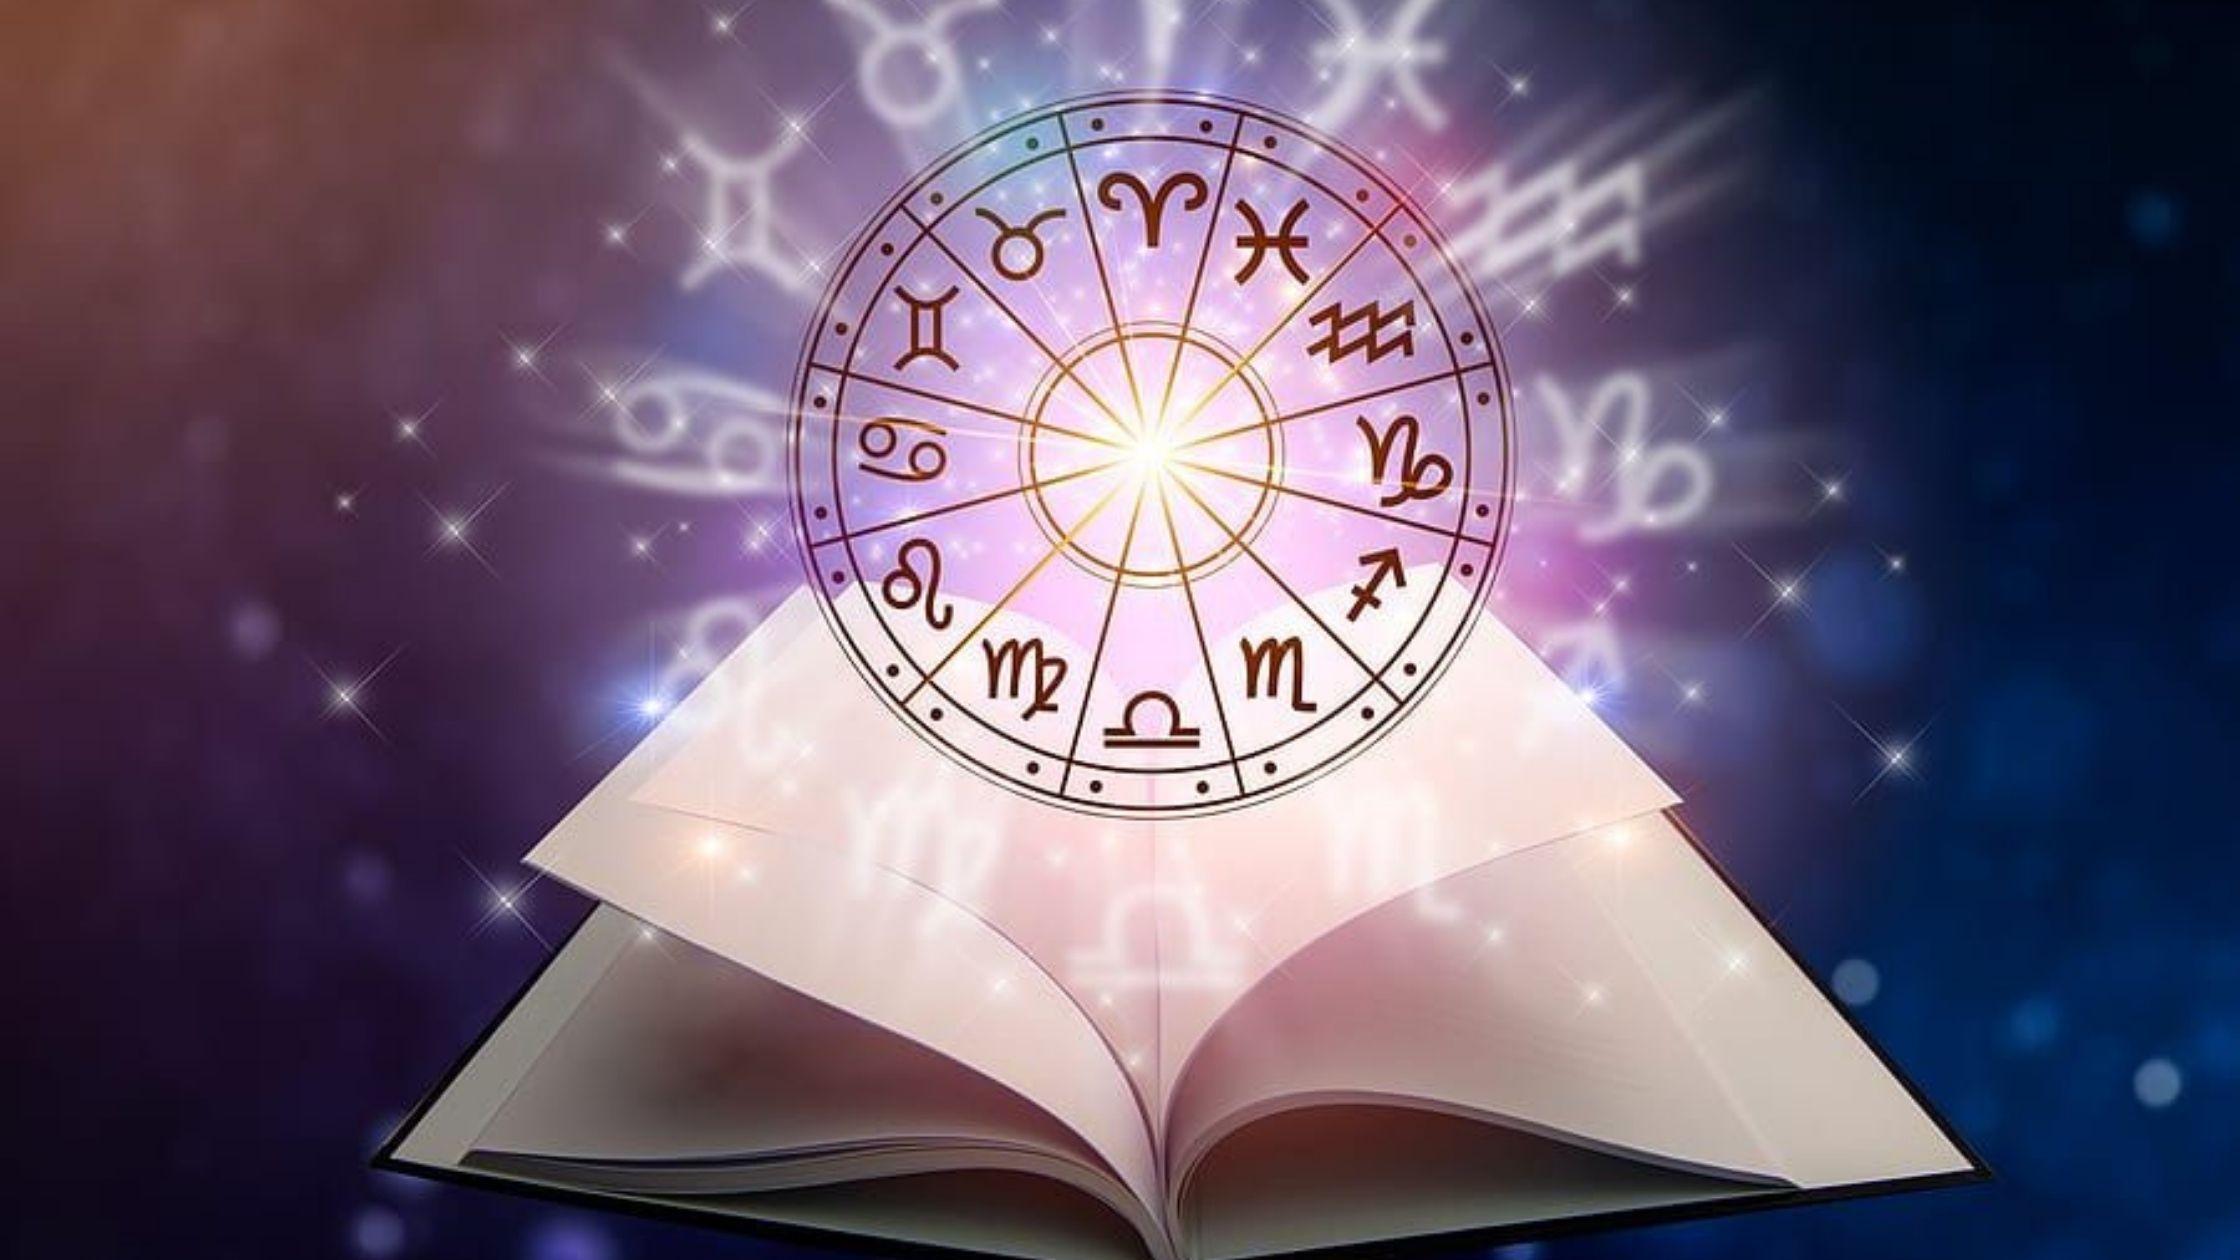 Today Horoscope 05-04-21 | Daily Horoscope